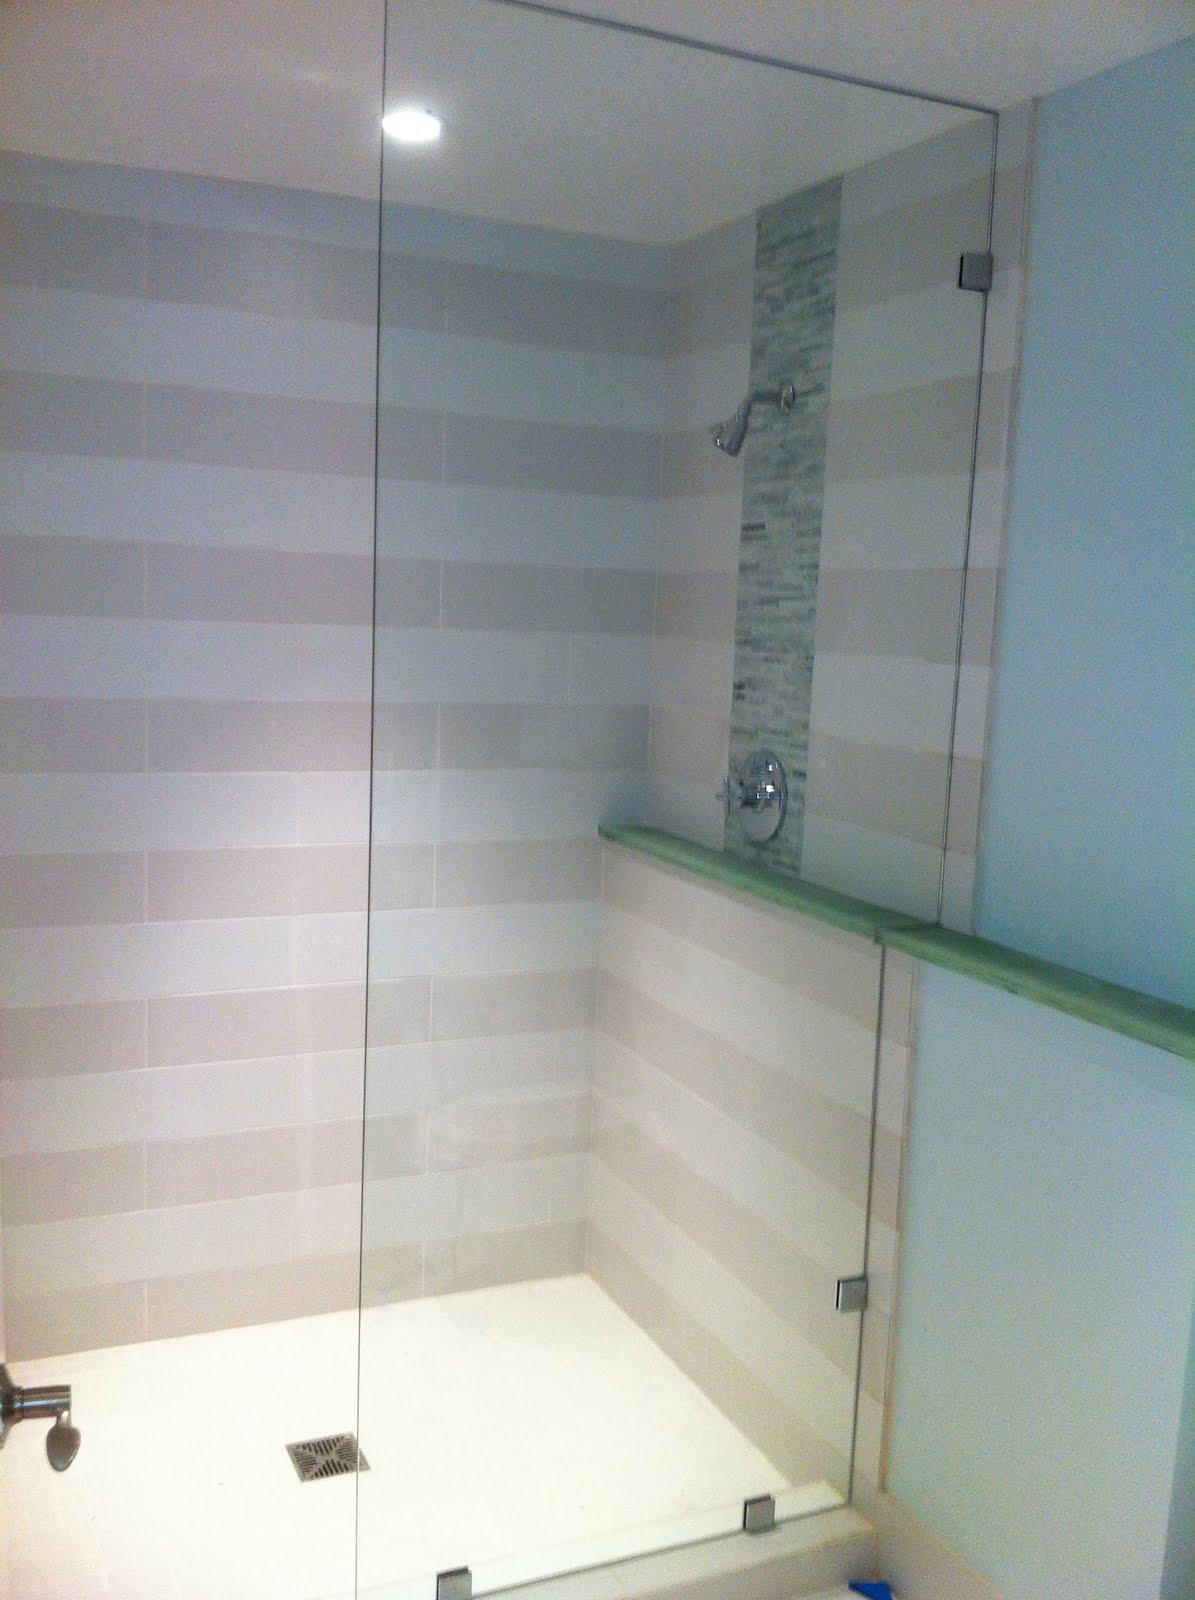 Hotel Room Shower Enclosures With Kl Megla Hardware Ot Glass